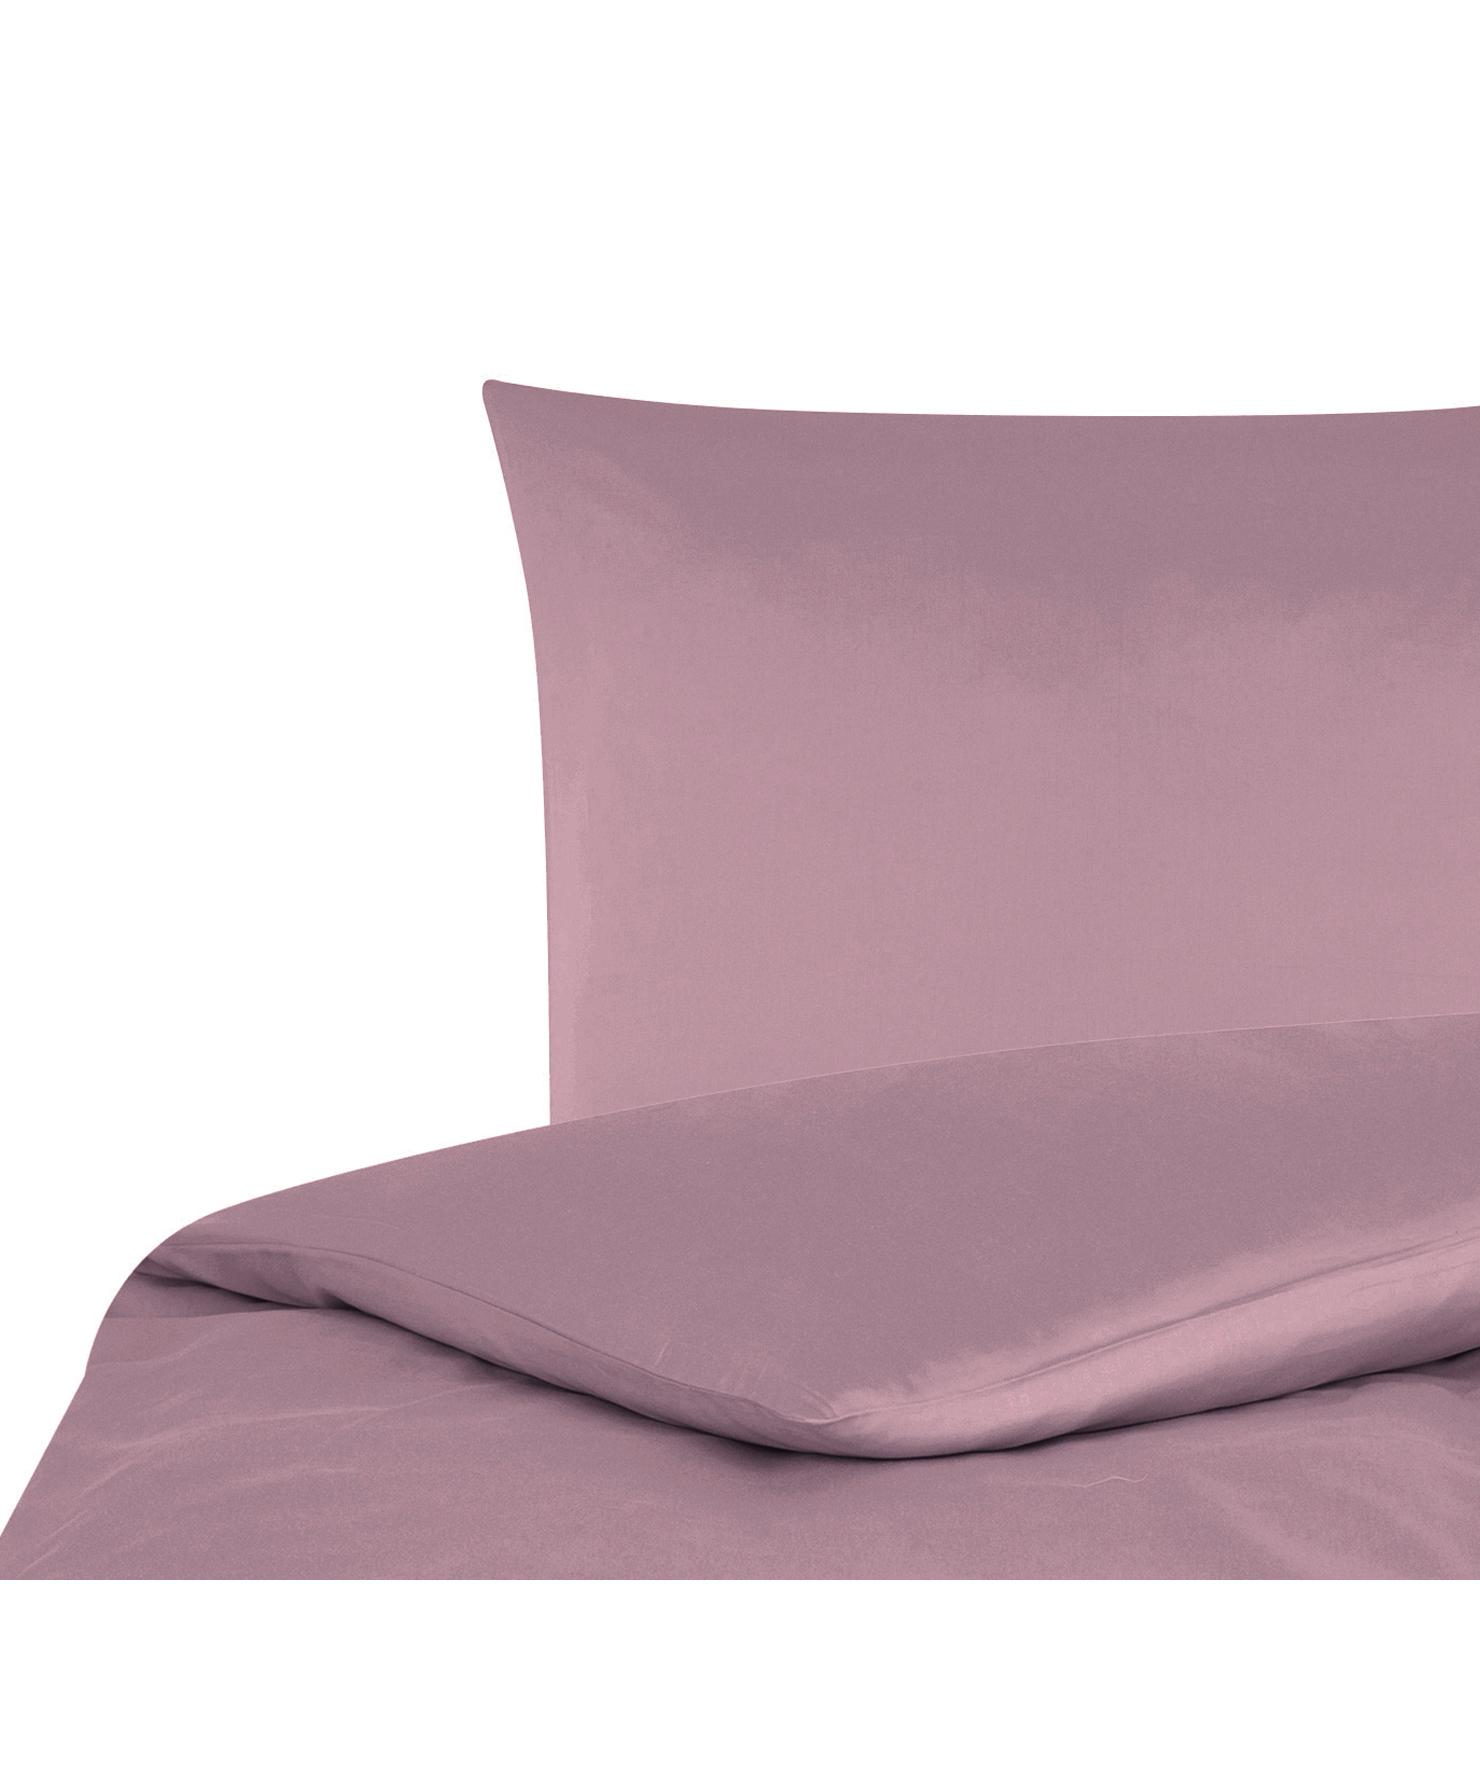 Parure copripiumino in raso di cotone Comfort, Malva, 155 x 200 cm